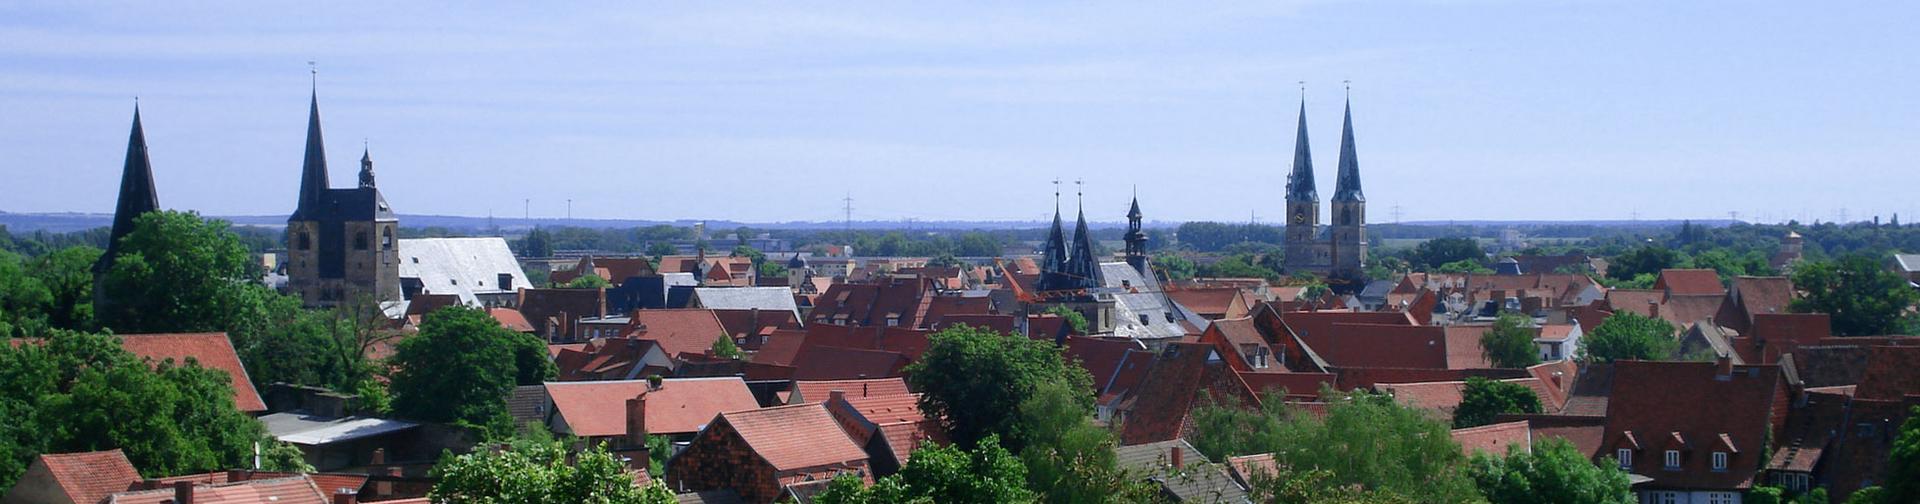 Quedlinburg. Panoramabild